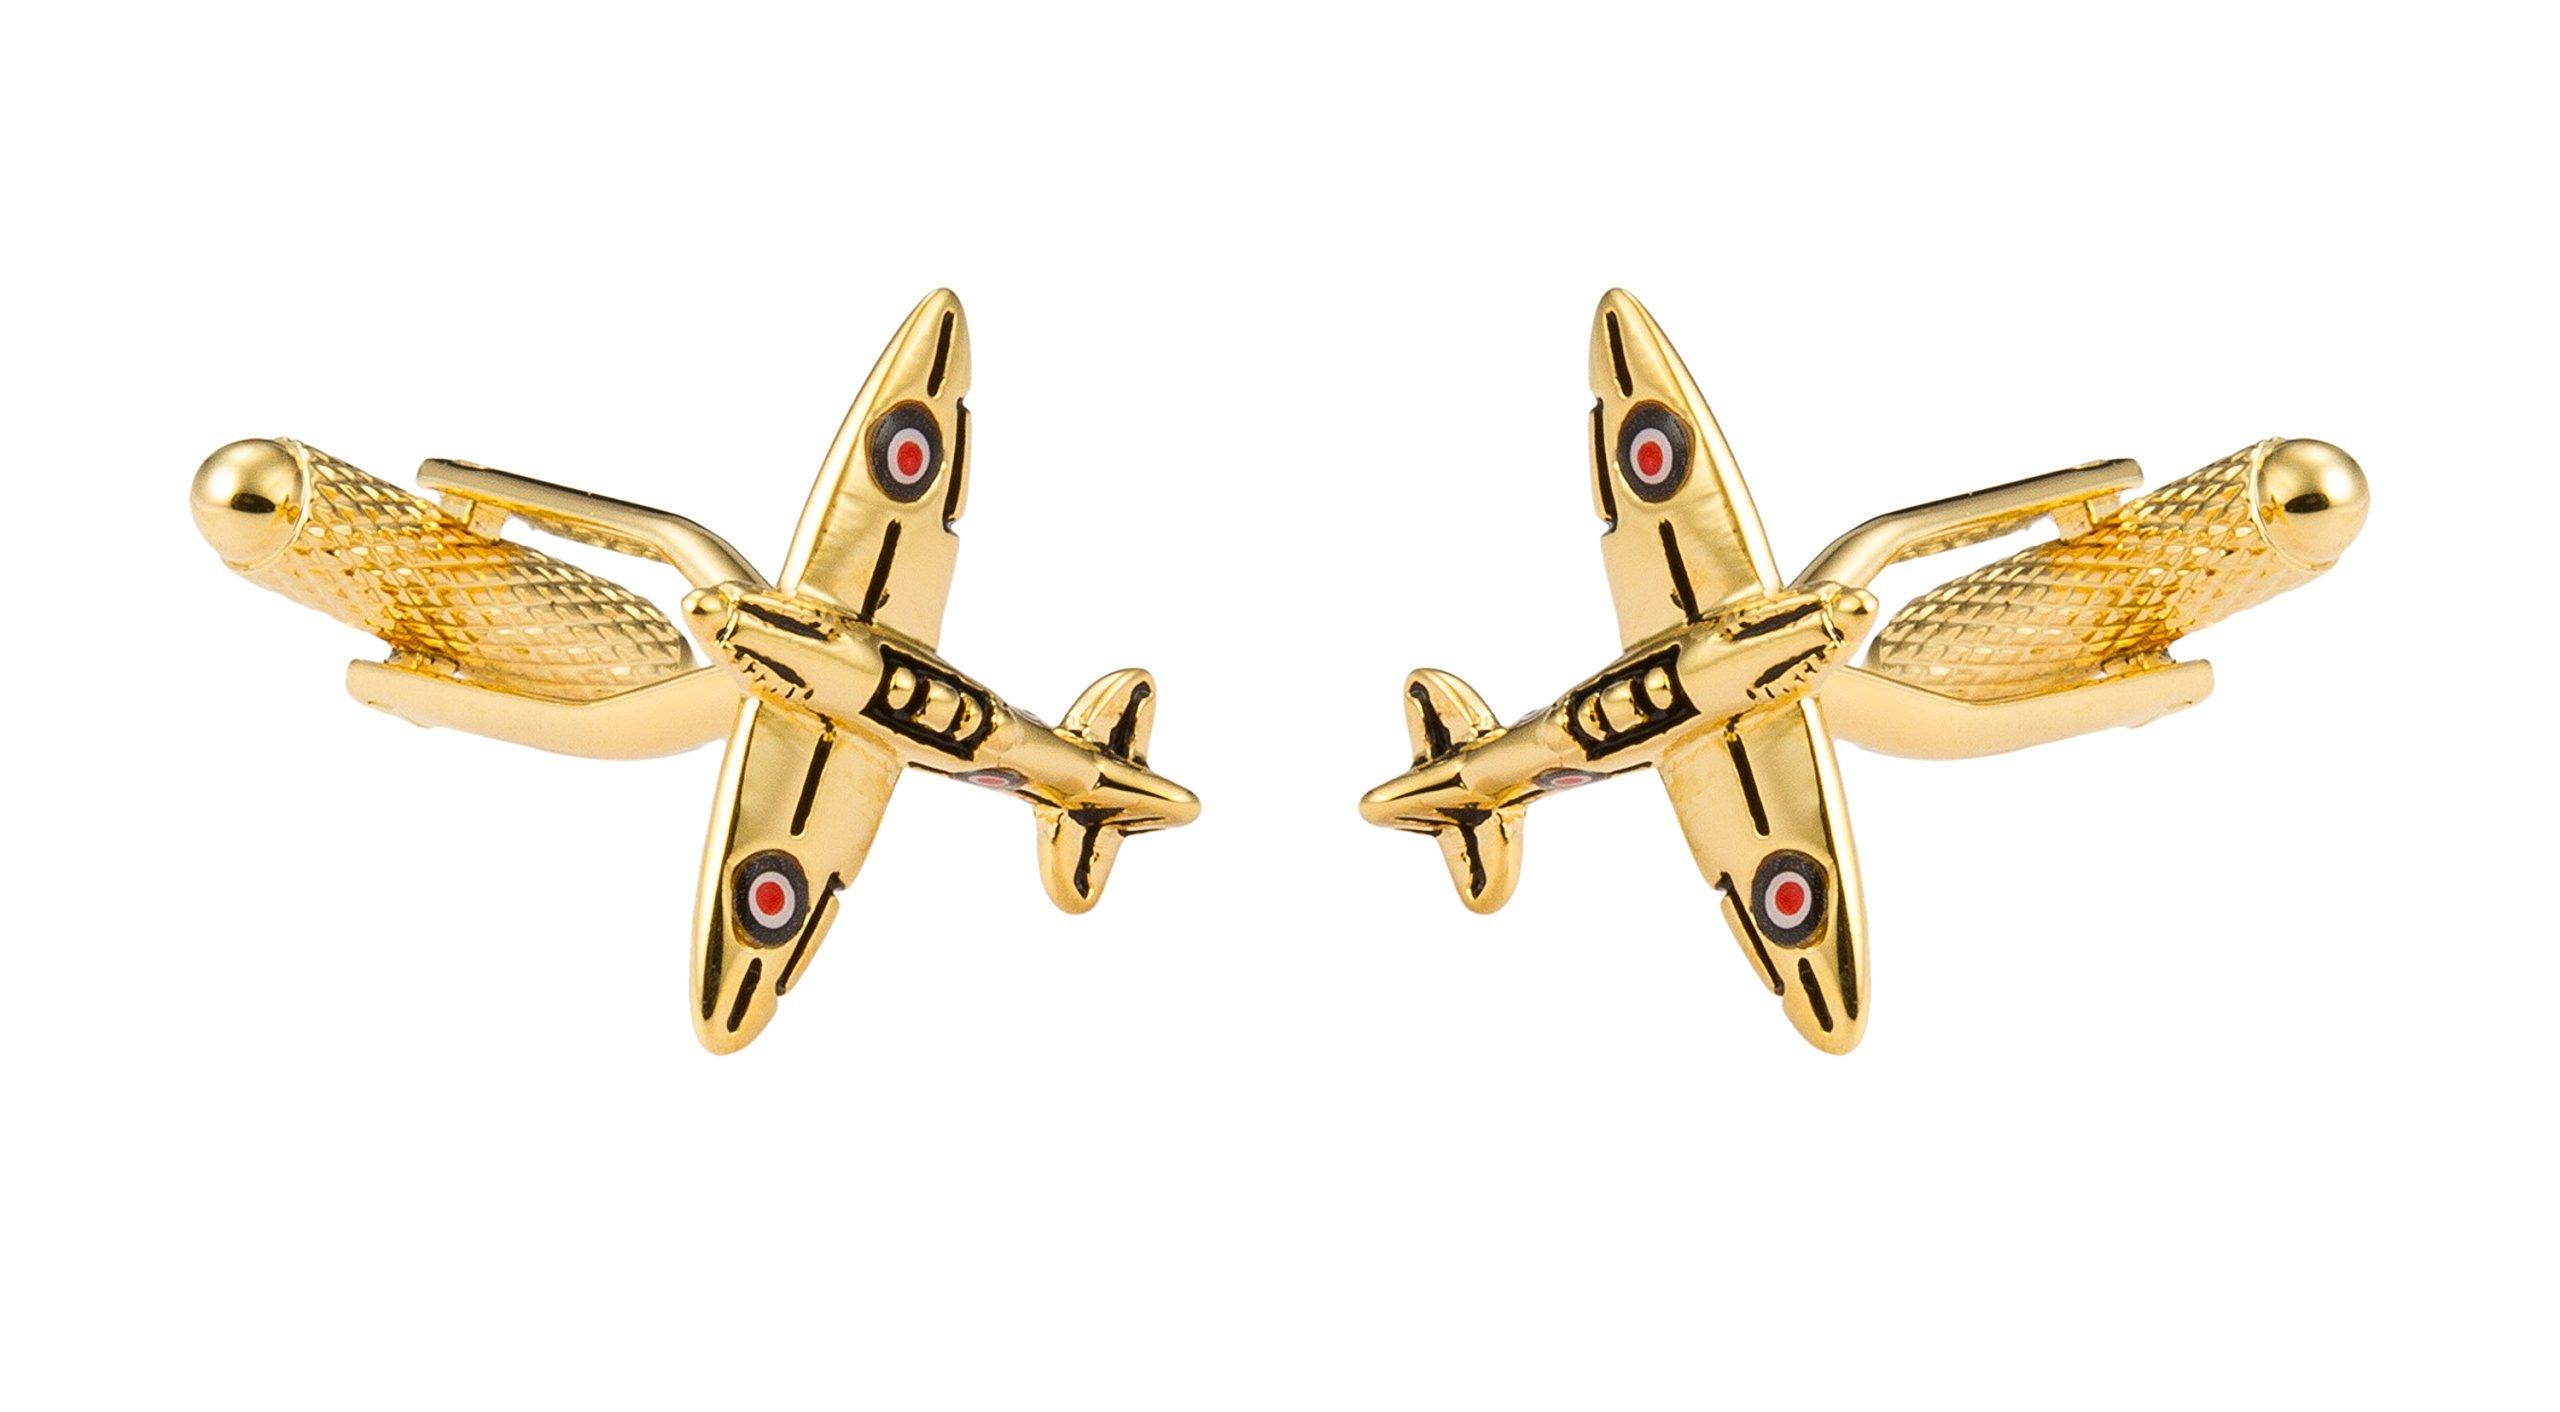 KNIGHTHOOD Men's Golden Airplane Shaped Cufflinks Golden